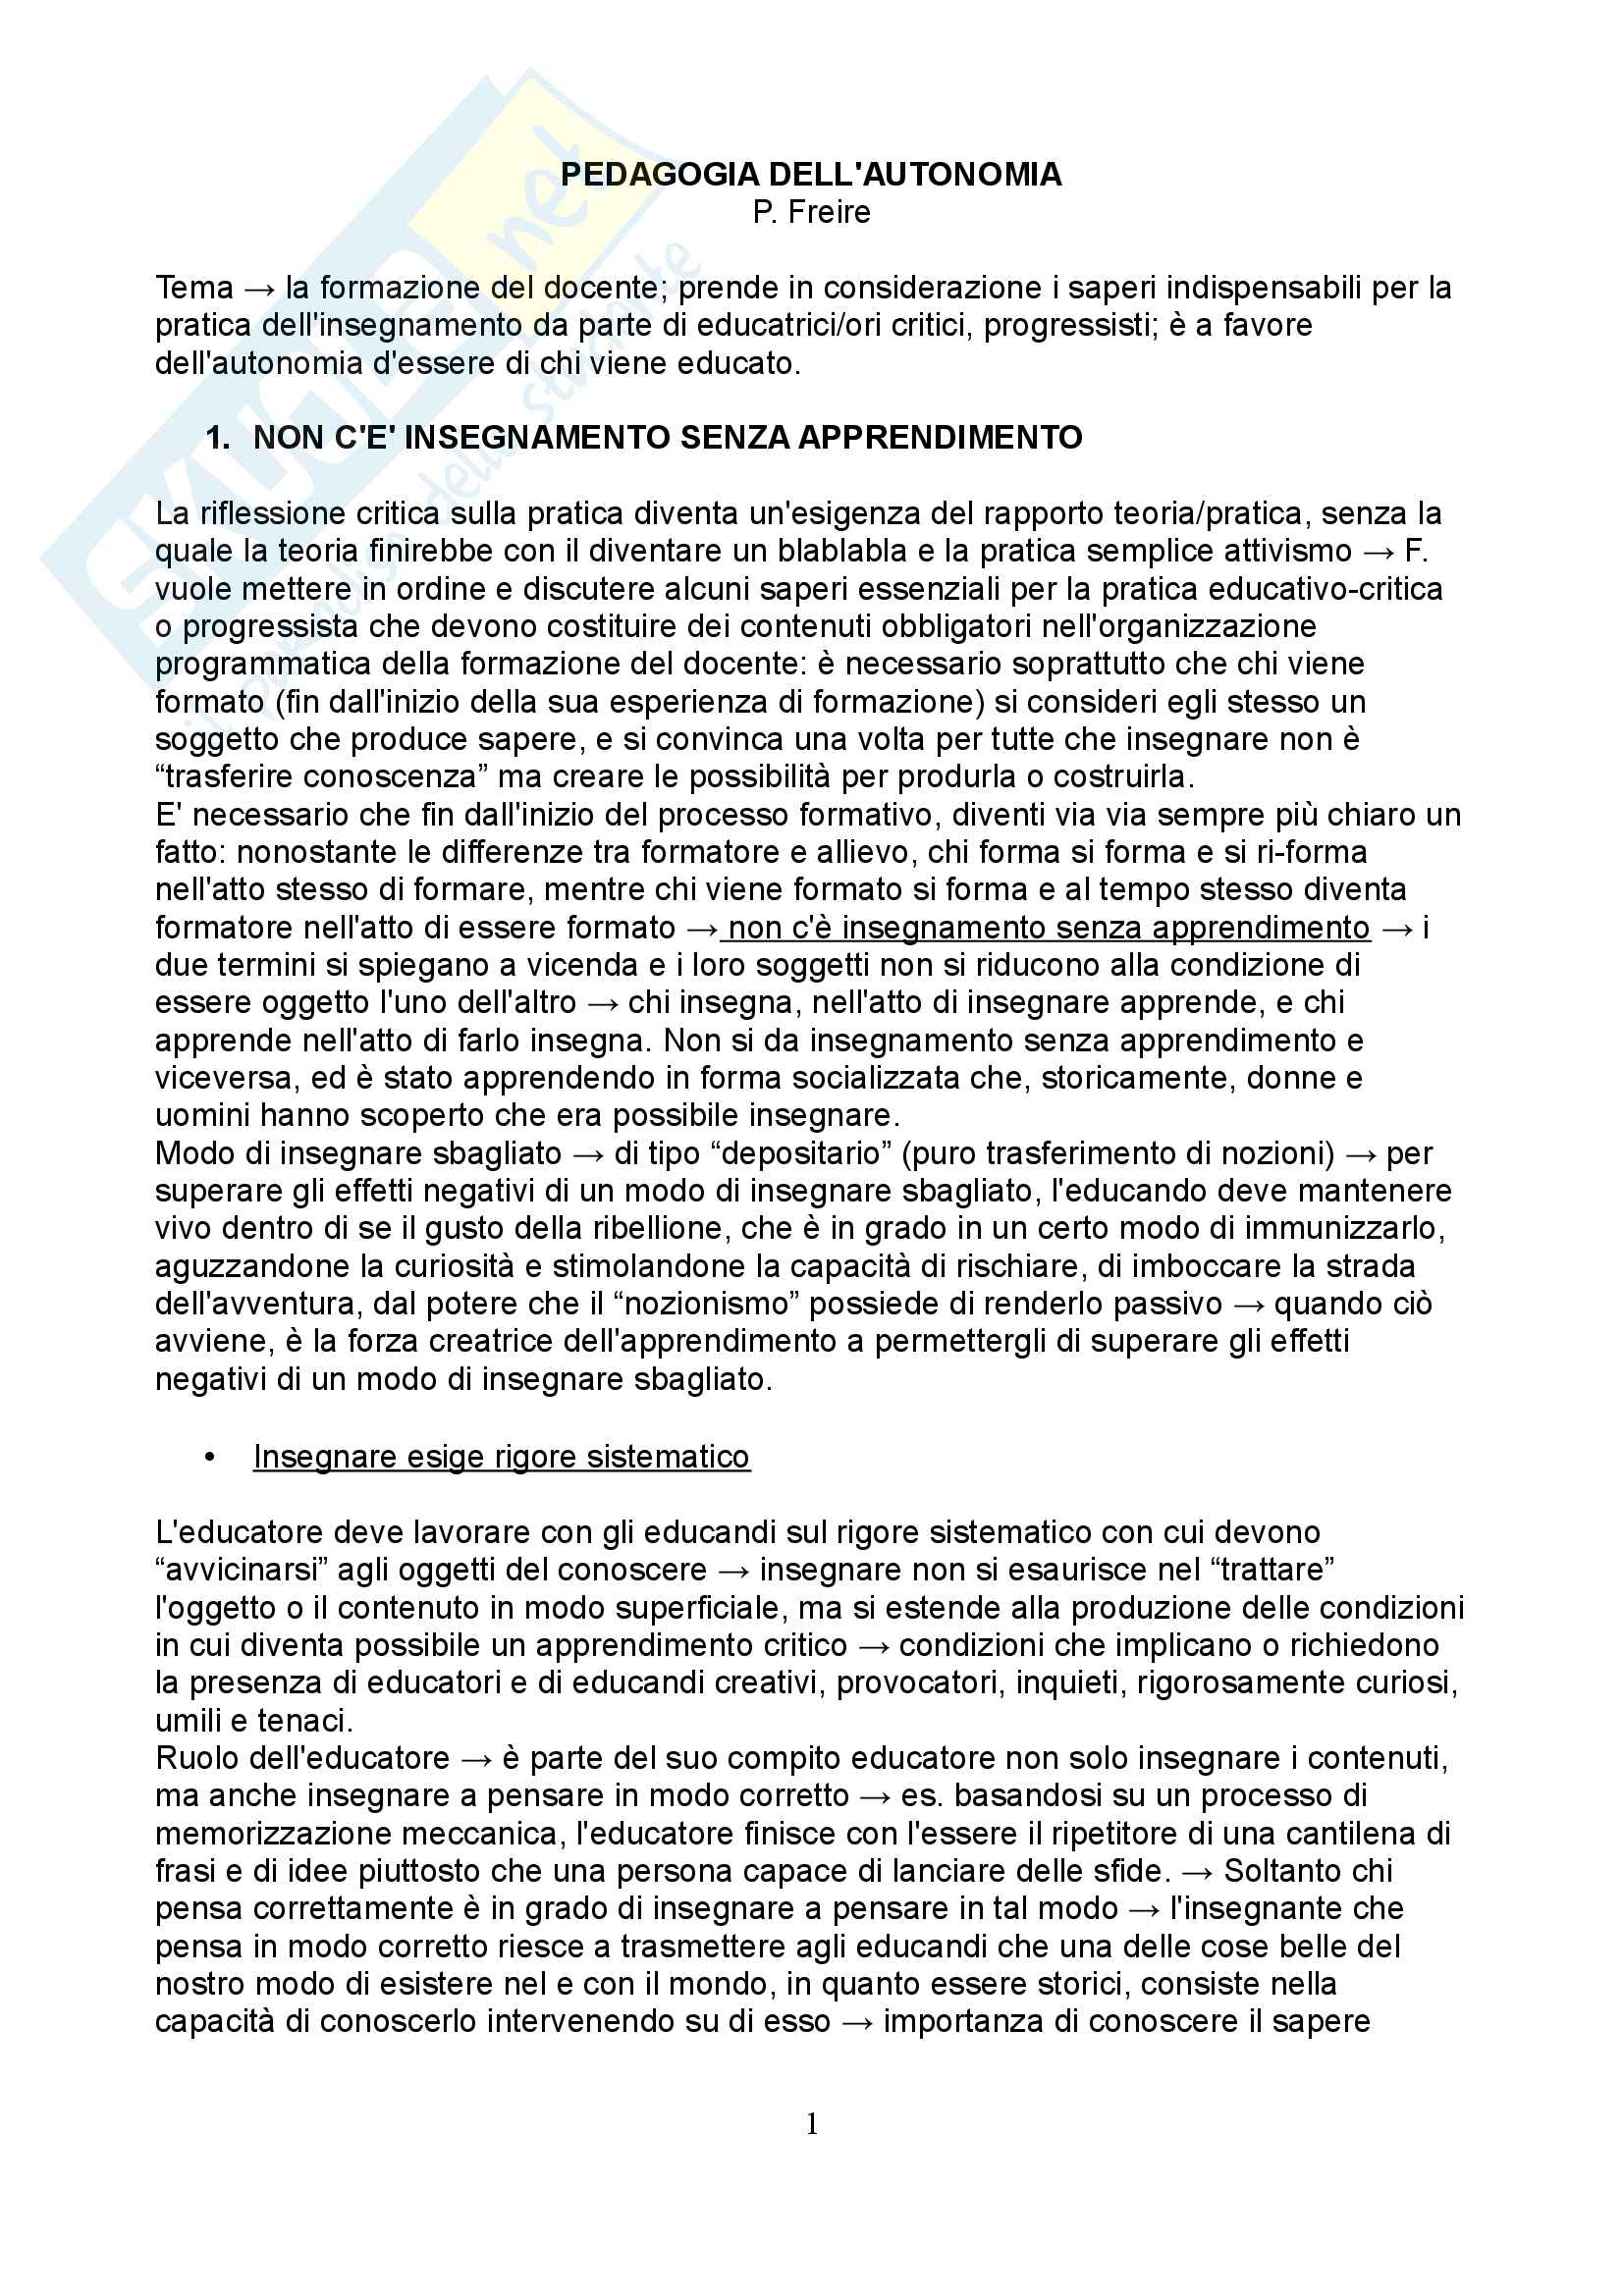 Riassunto esame Pedagogia dell'infanzia, prof. Toffano, libro consigliato Pedagogia dell'autonomia, P. Freire